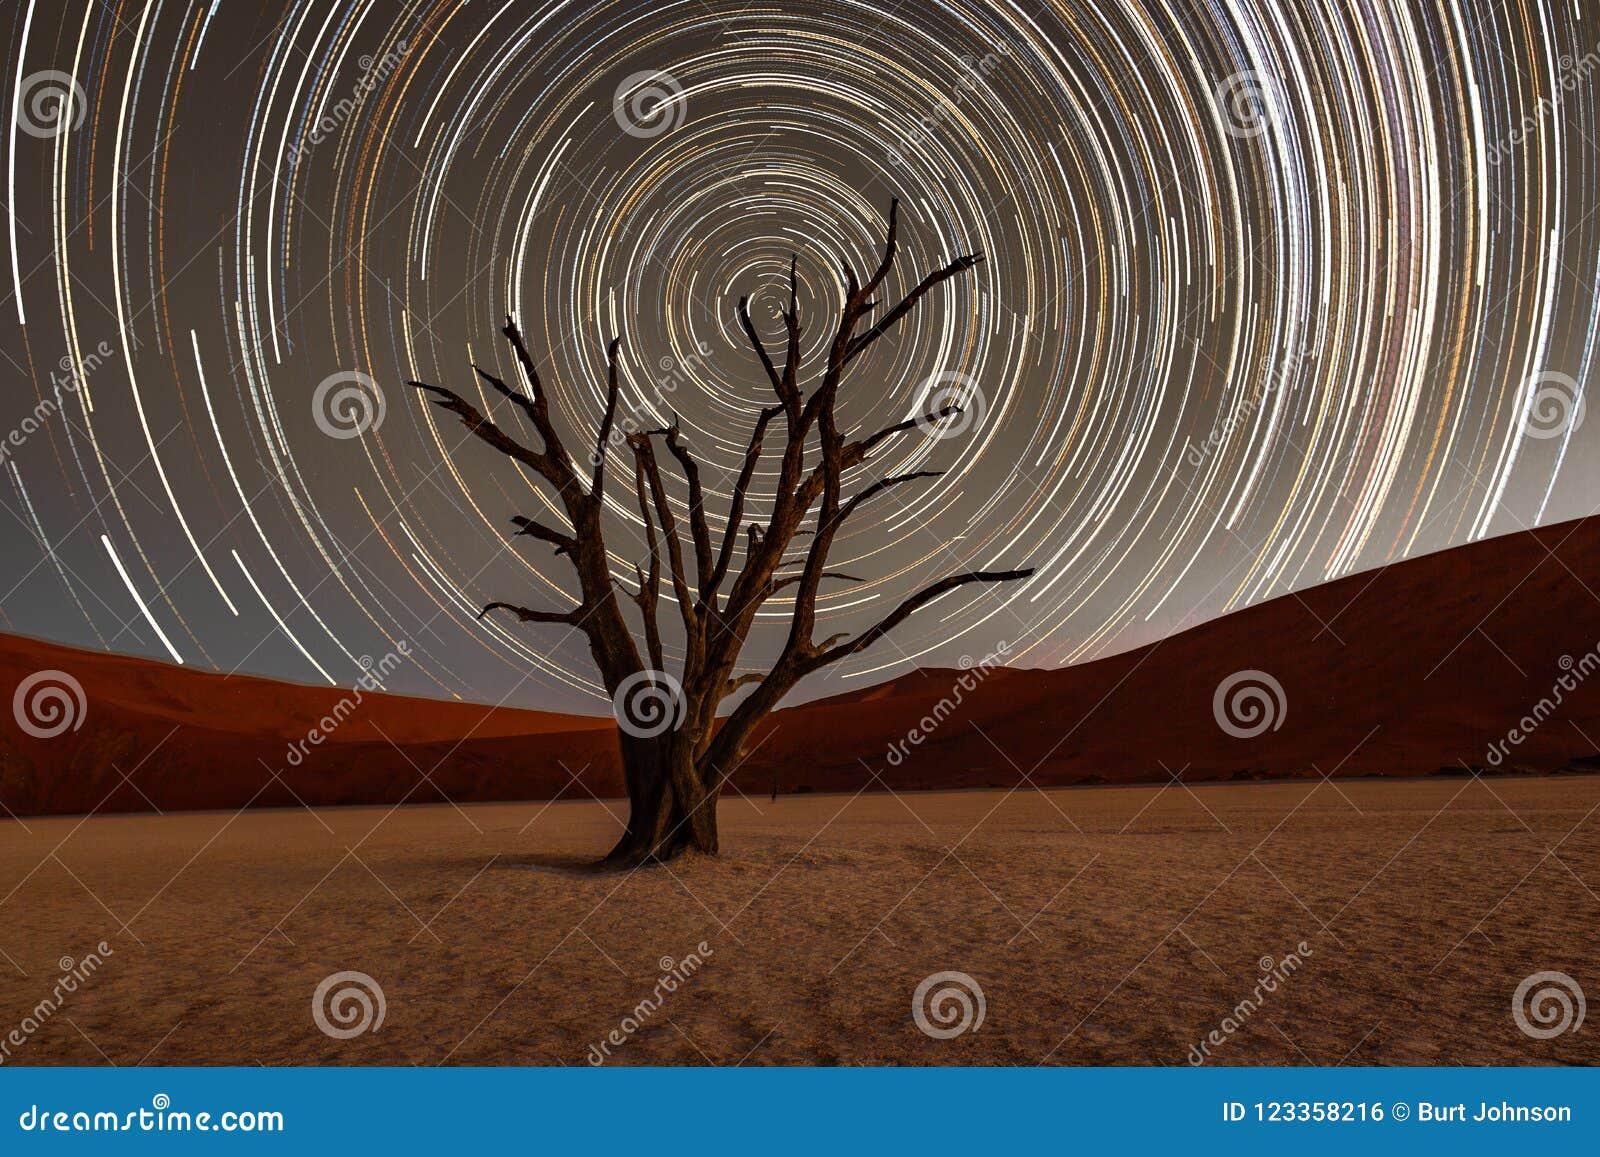 Gwiazda śladów okrąg nad camelthorn drzewem